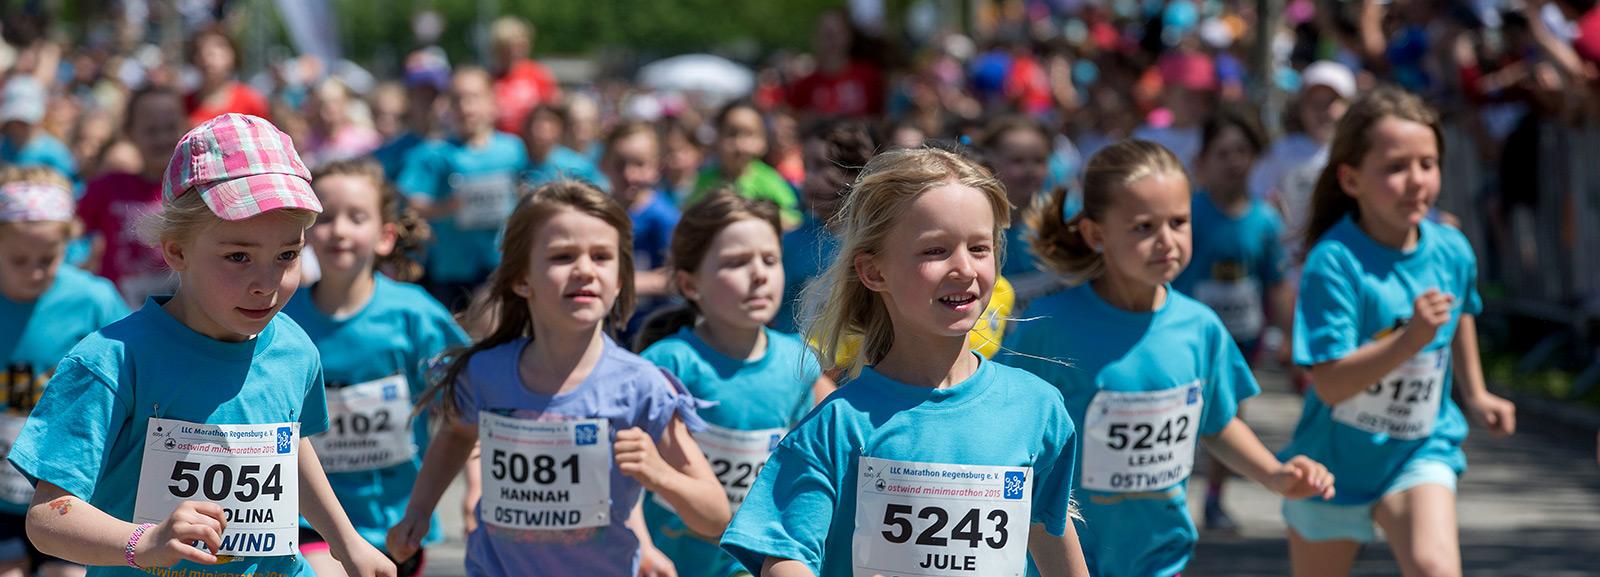 Regensburg Marathon Llc Marathon Regensburg E V Start